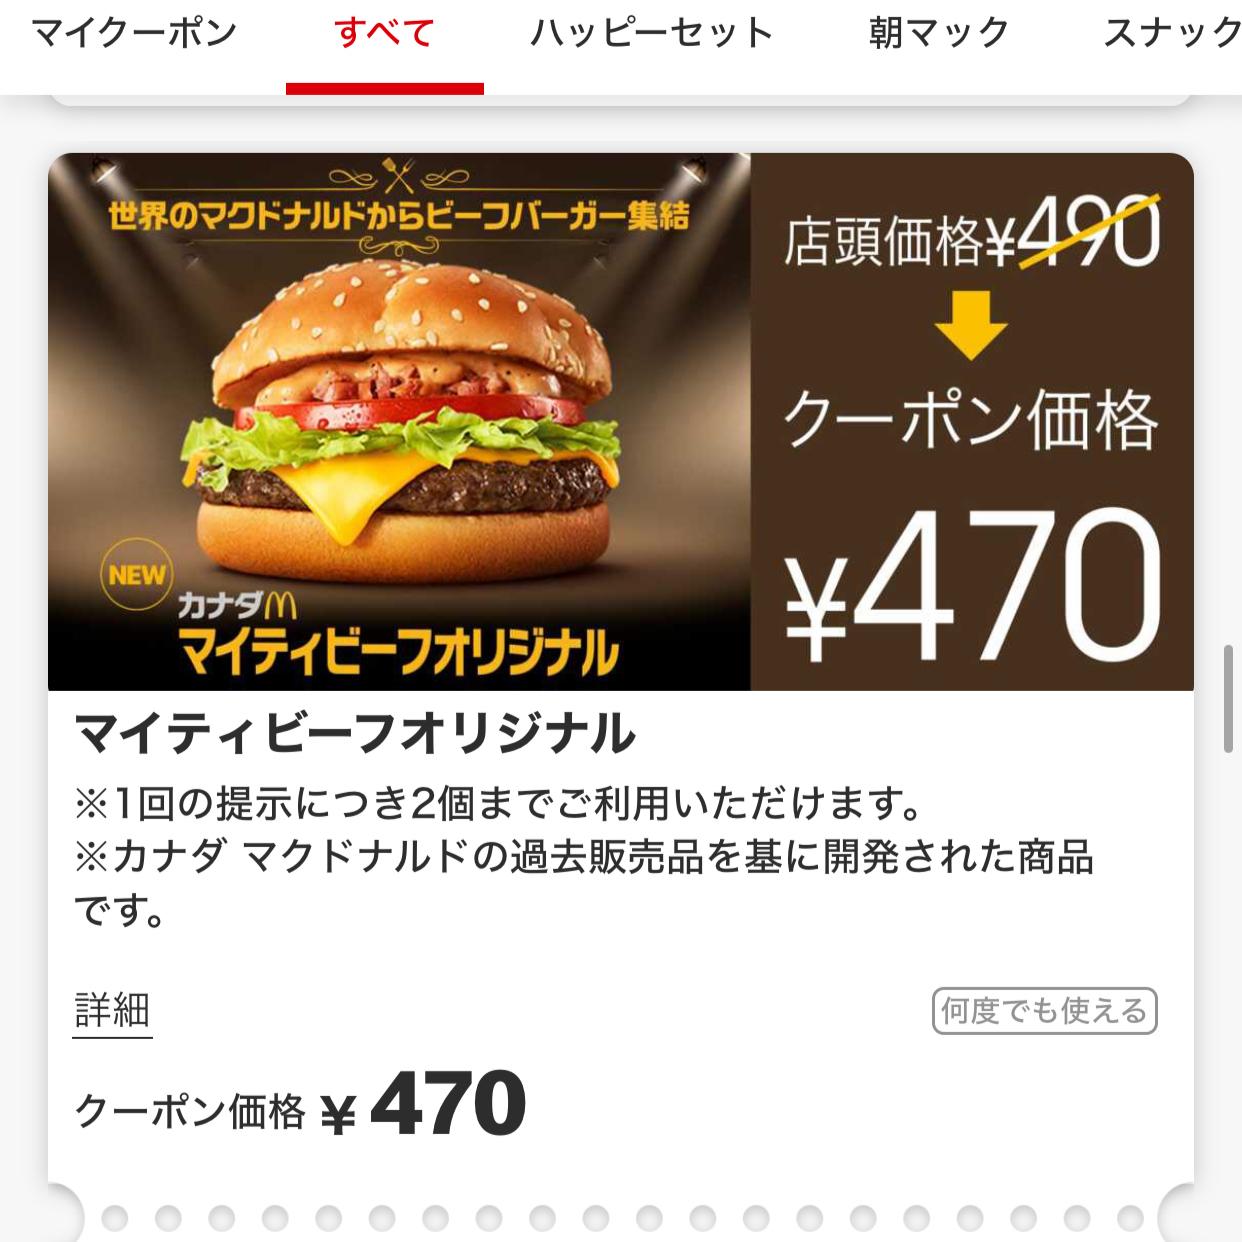 【悲報】マクド、単品500円wwwywwwywwwywww